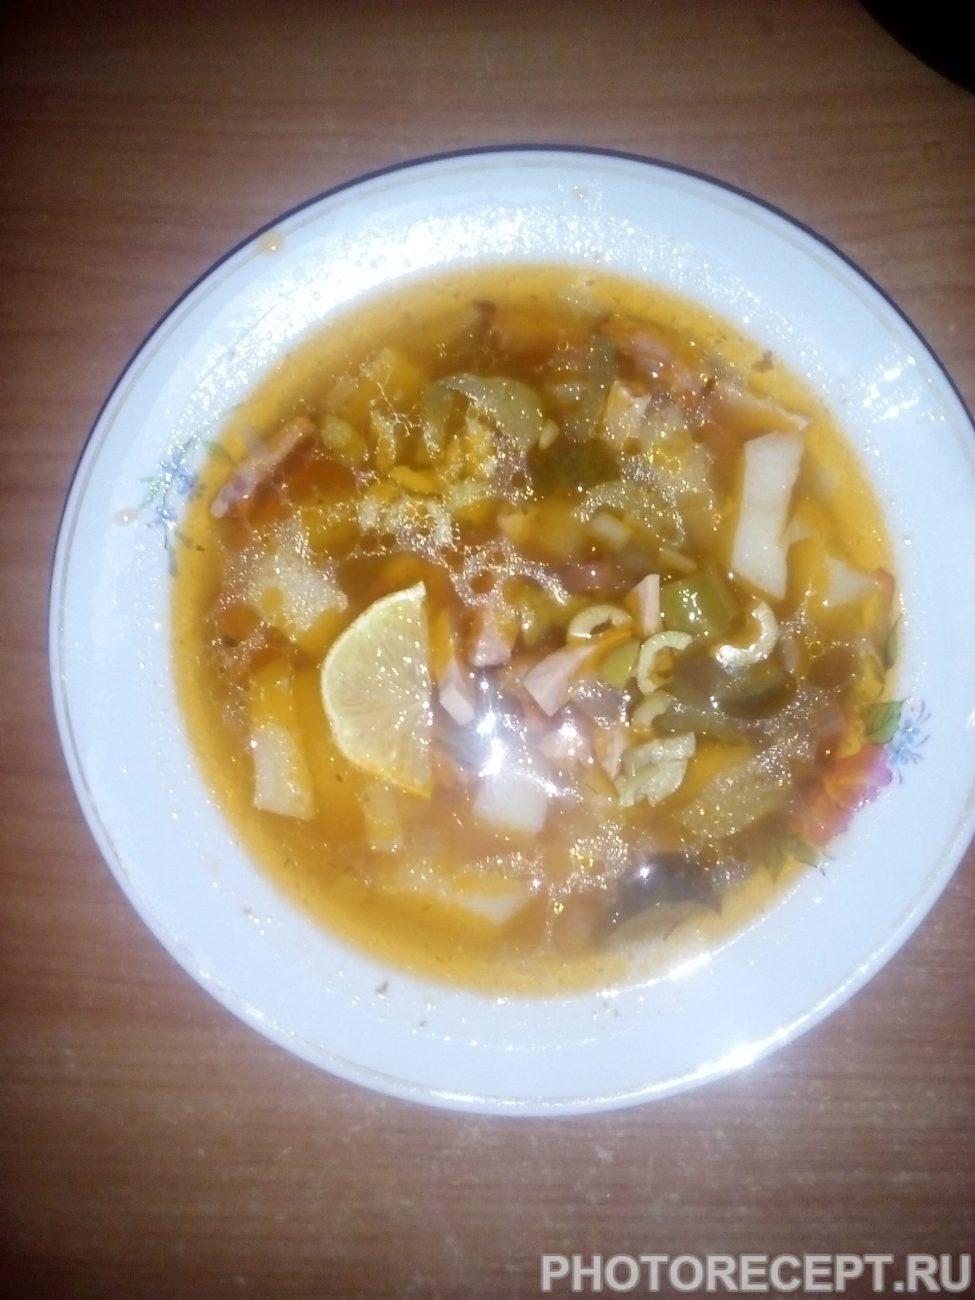 Рецепт солянки с лимоном в домашних условиях